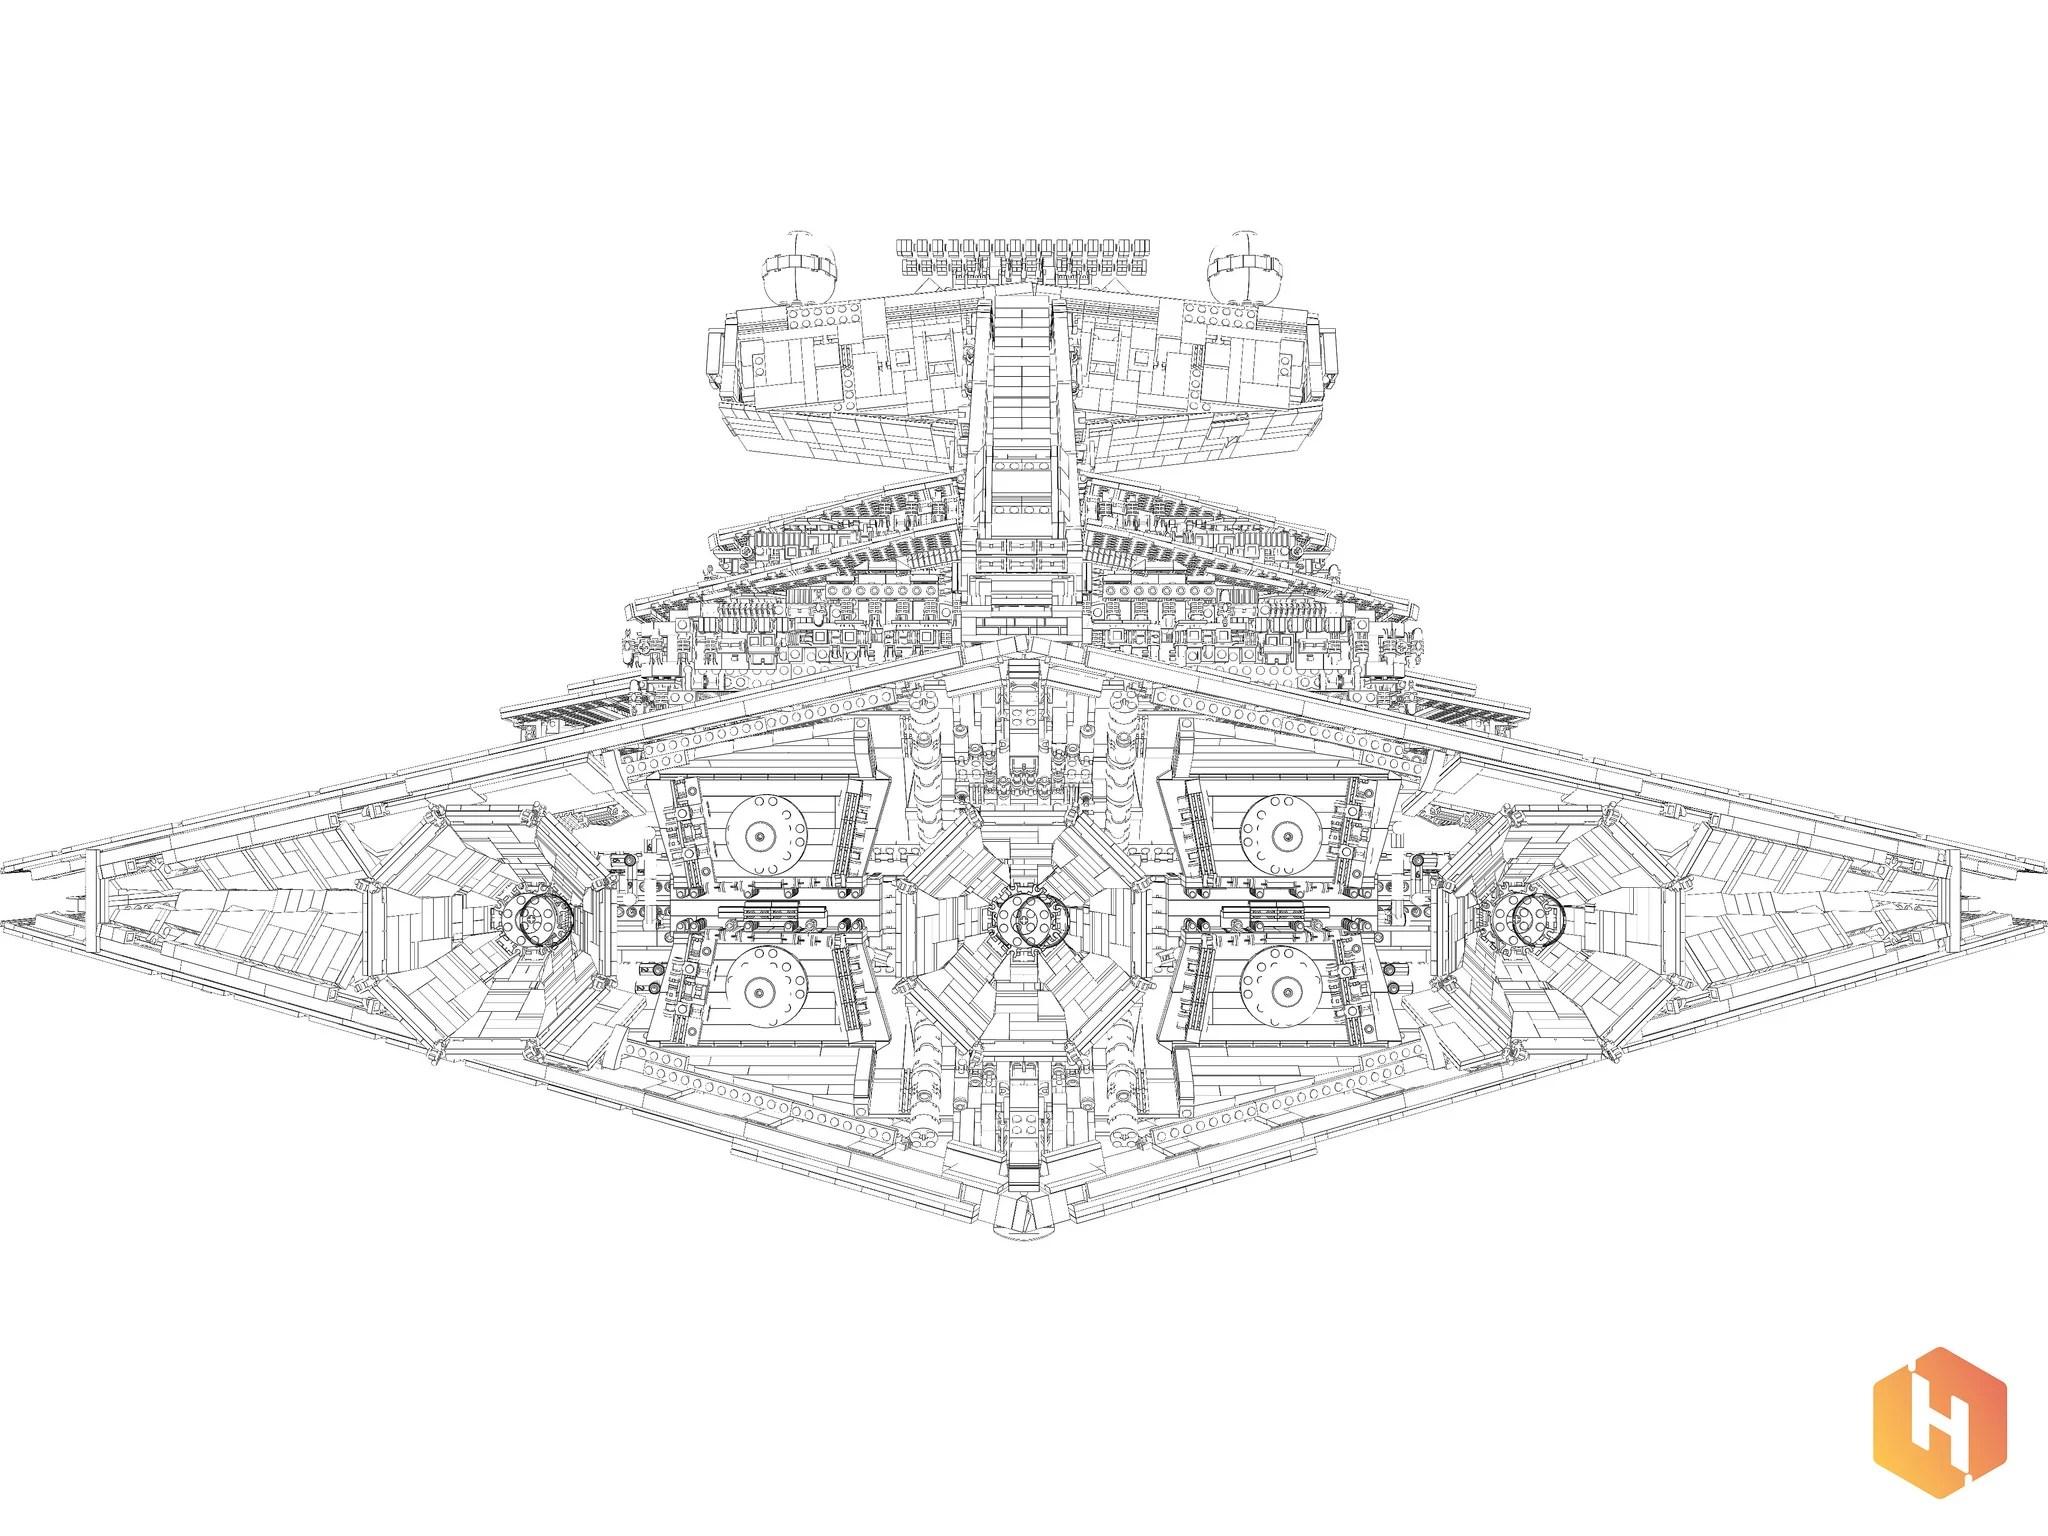 Star Wars Star Destroyer Schematics Pictures To Pin On